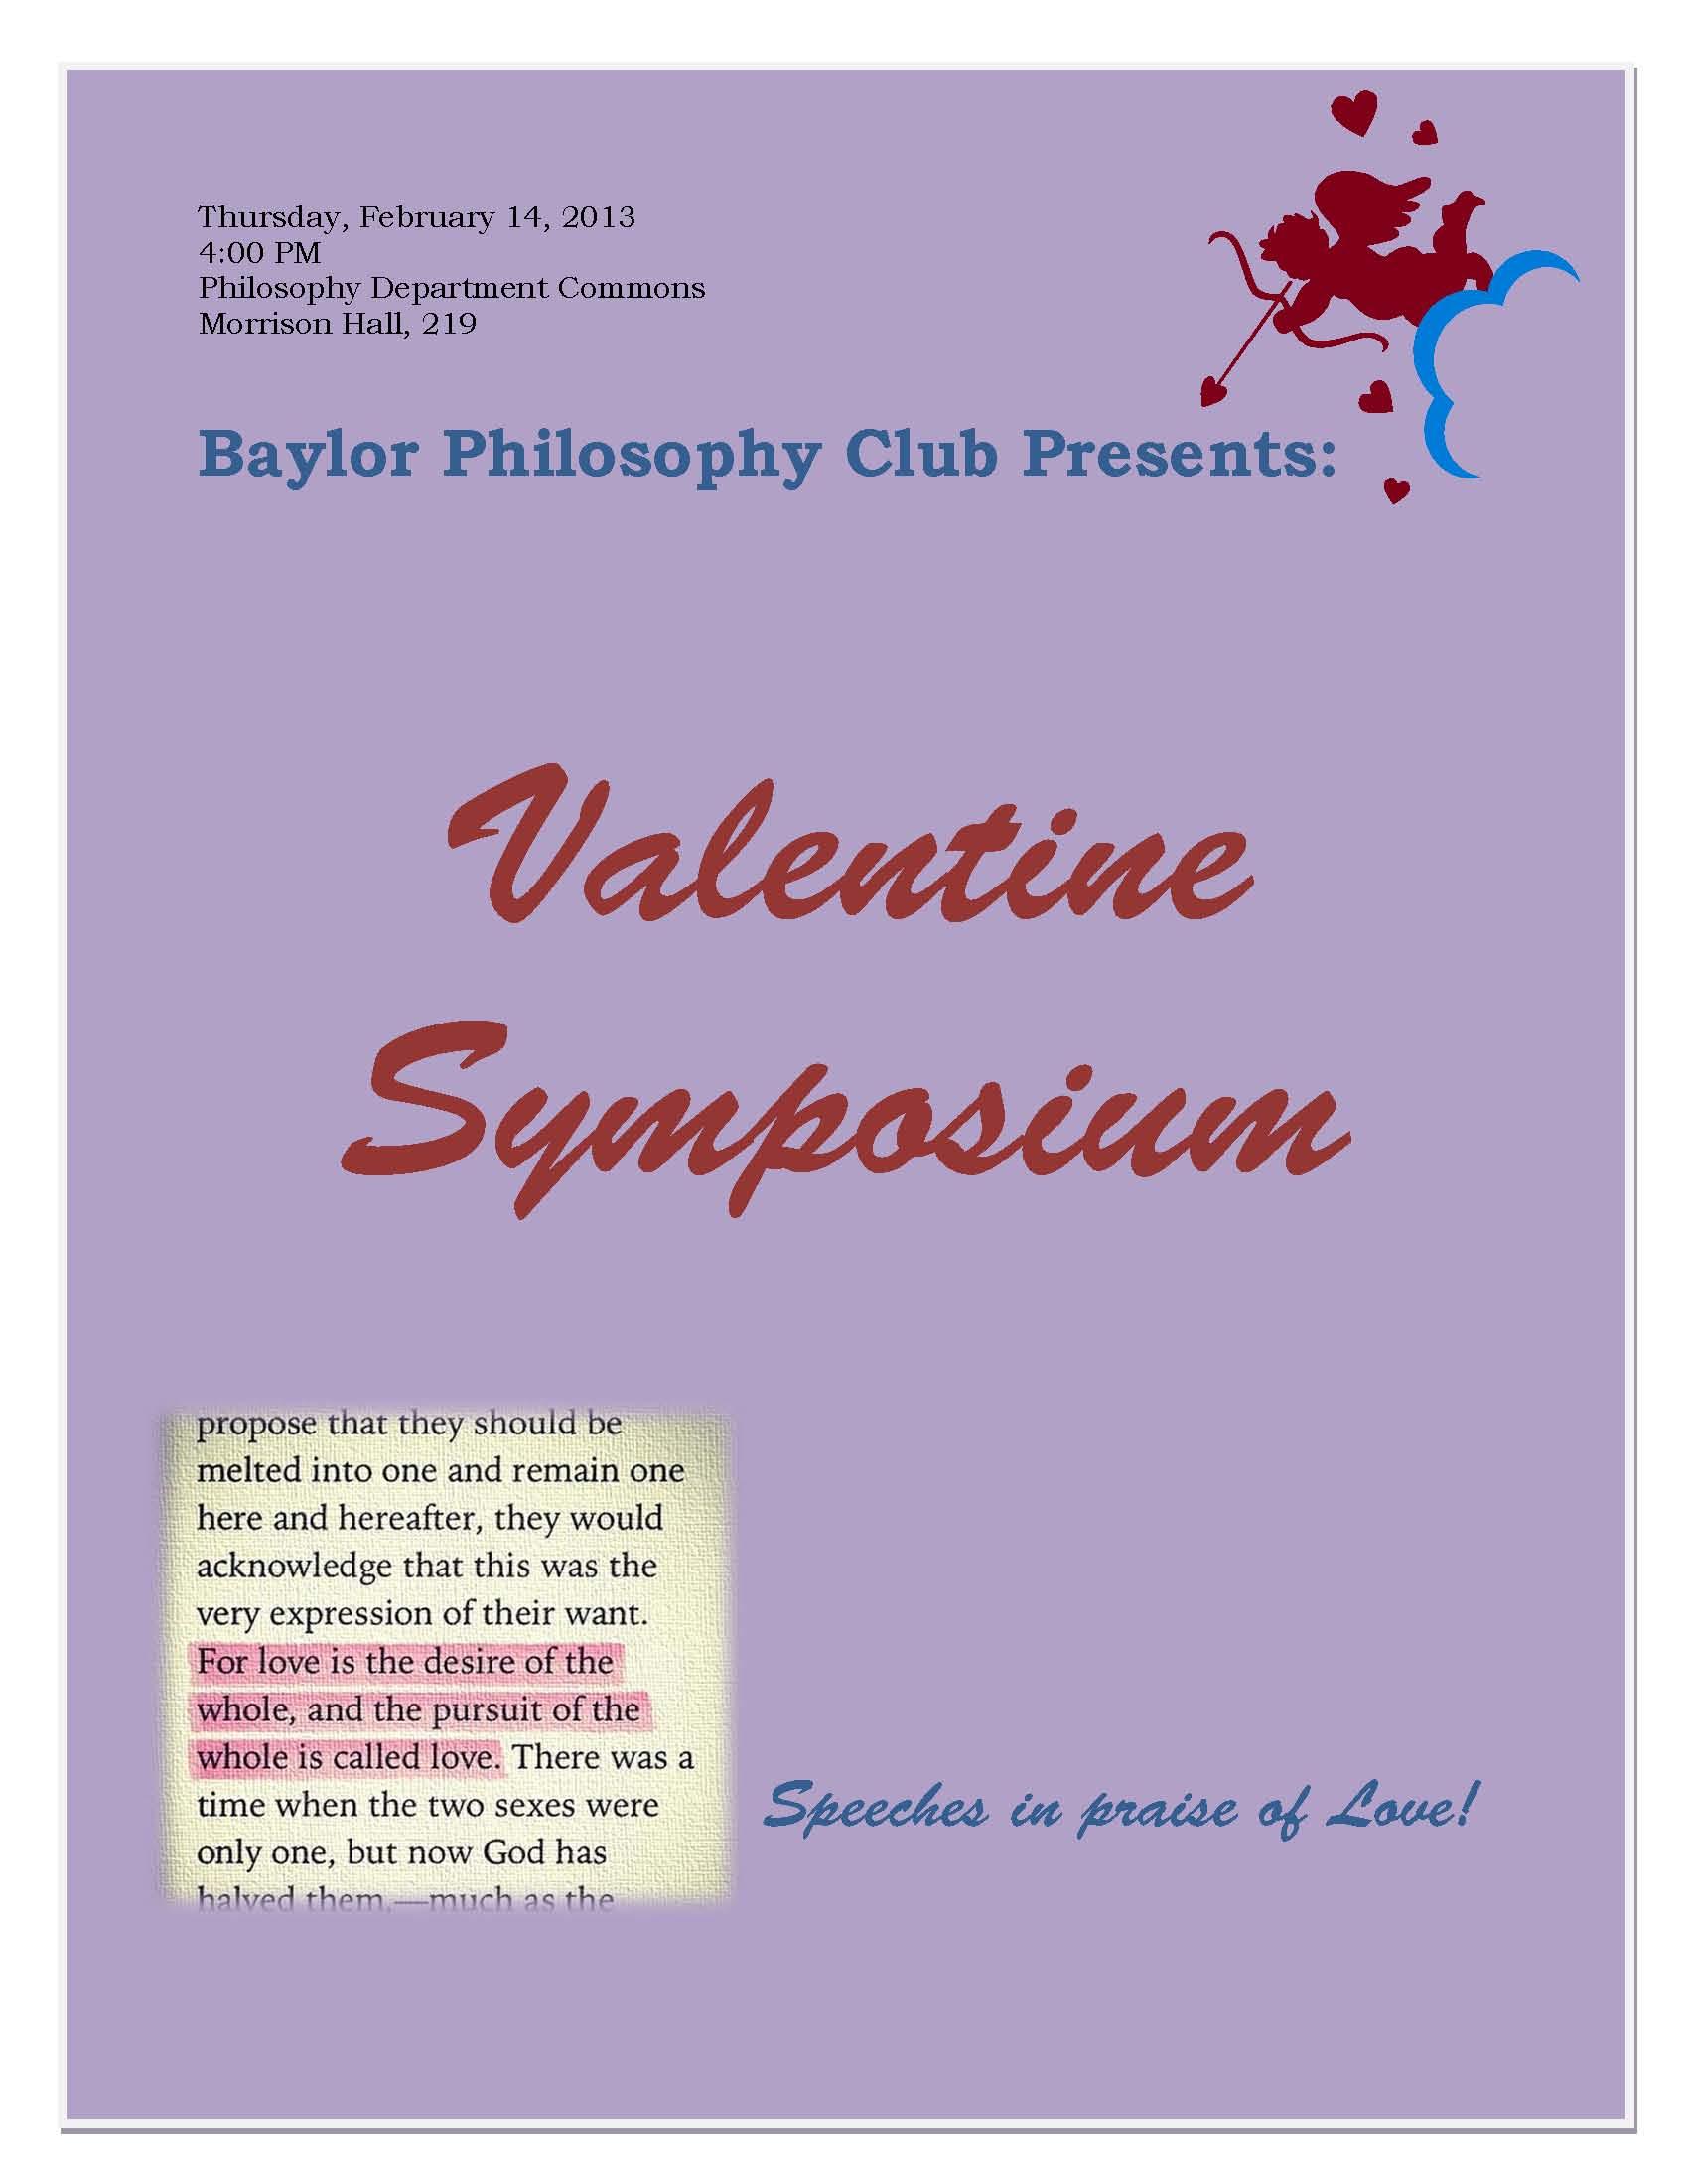 Valentine Syposium